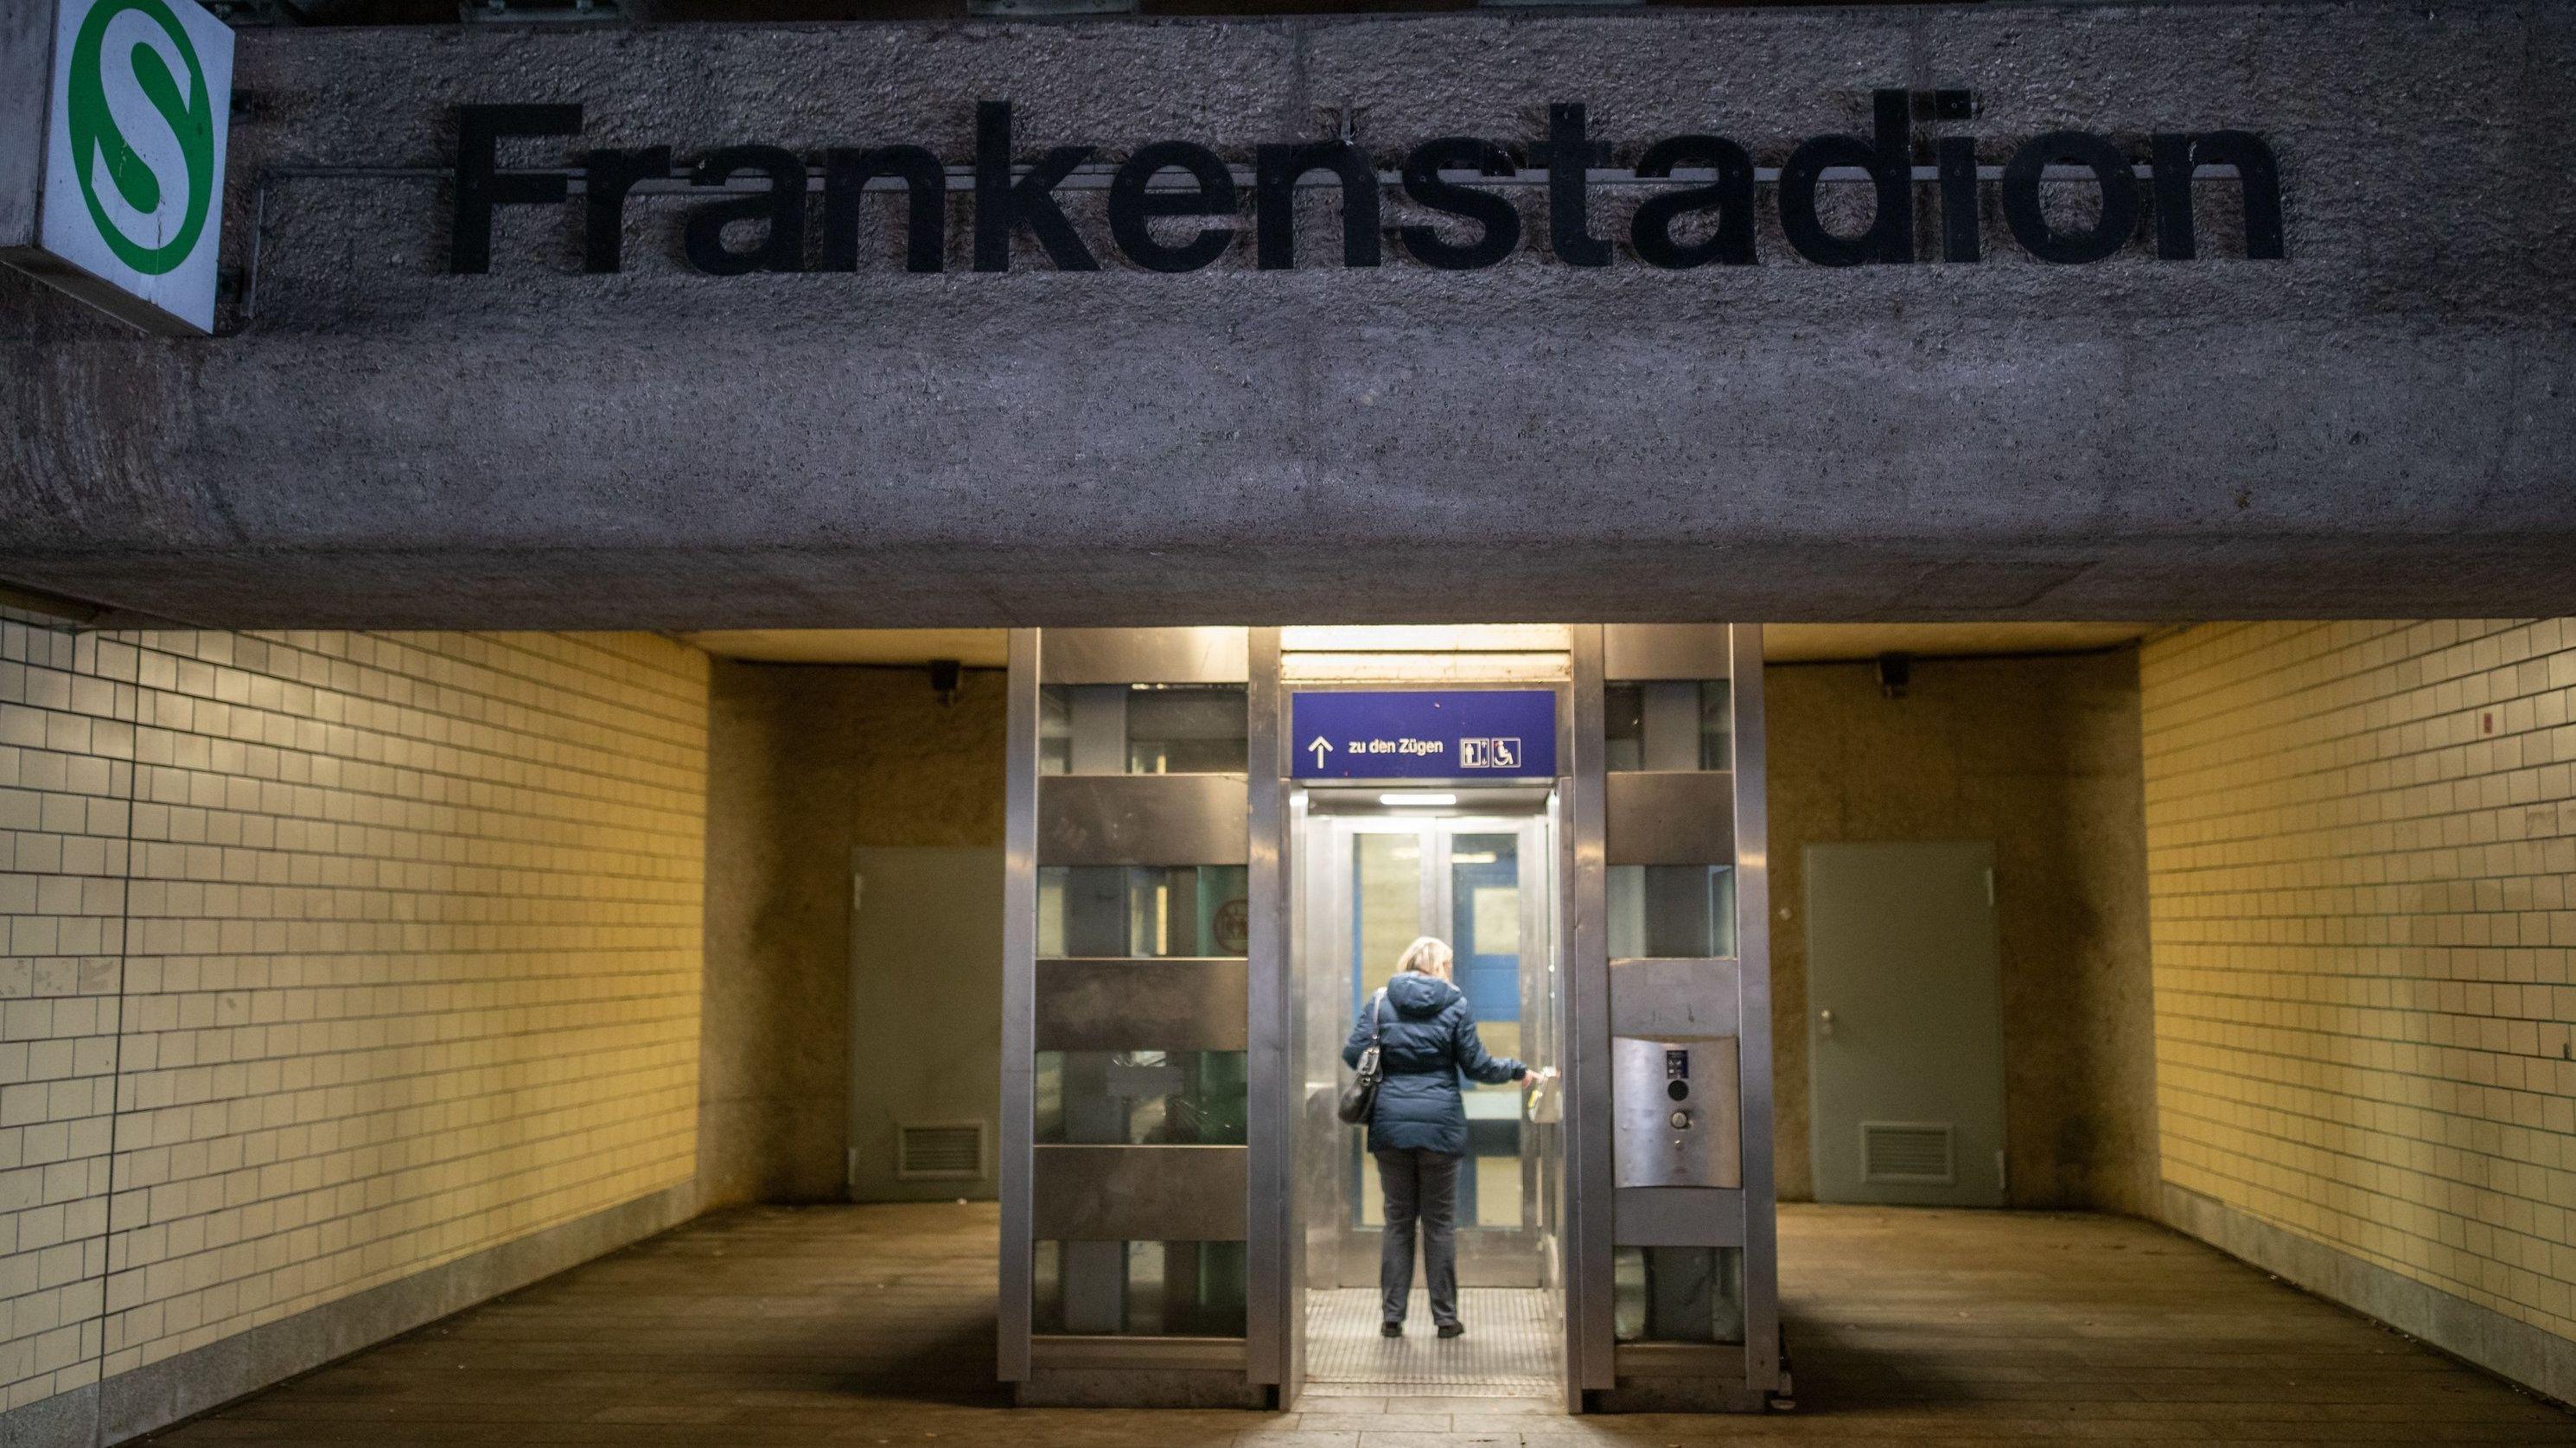 S-Bahnhaltestelle in Nürnberg